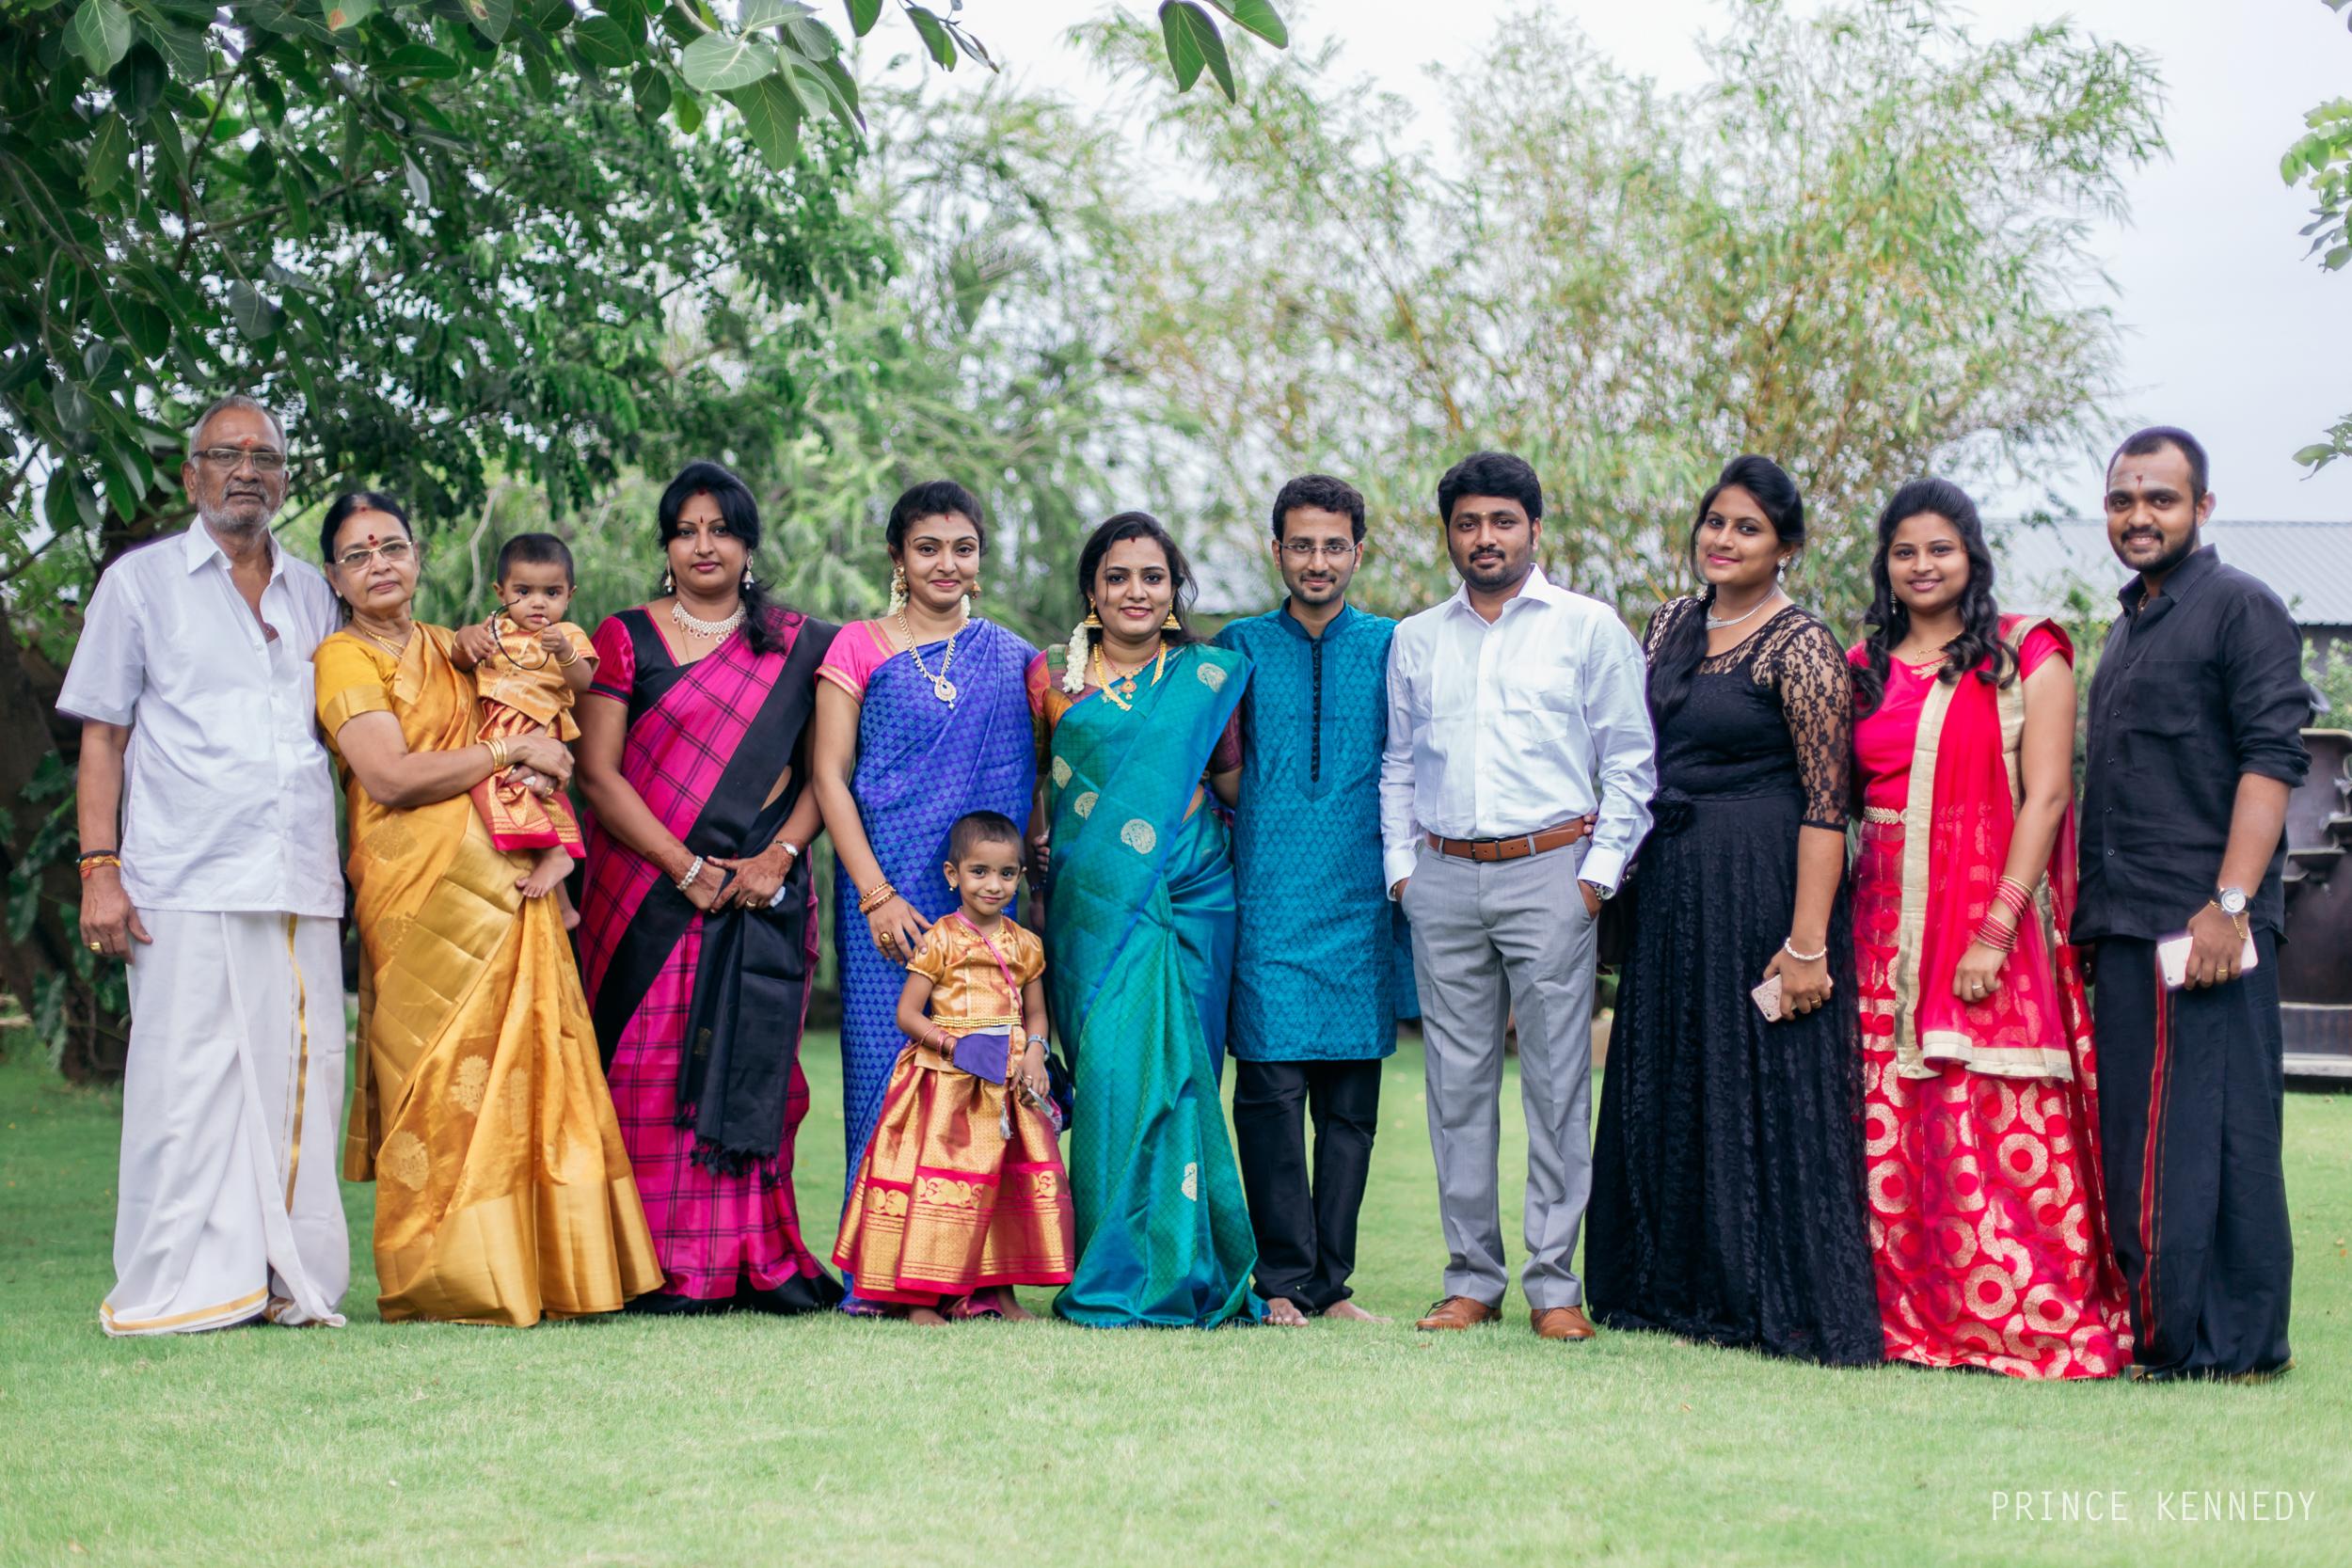 Engagement-Couple-Portrait-Portraiture-Wedding-Couple-Portrait-Chennai-Photographer-Candid-Photography-Destination-Best-Prince-Kennedy-Photography-115.jpg